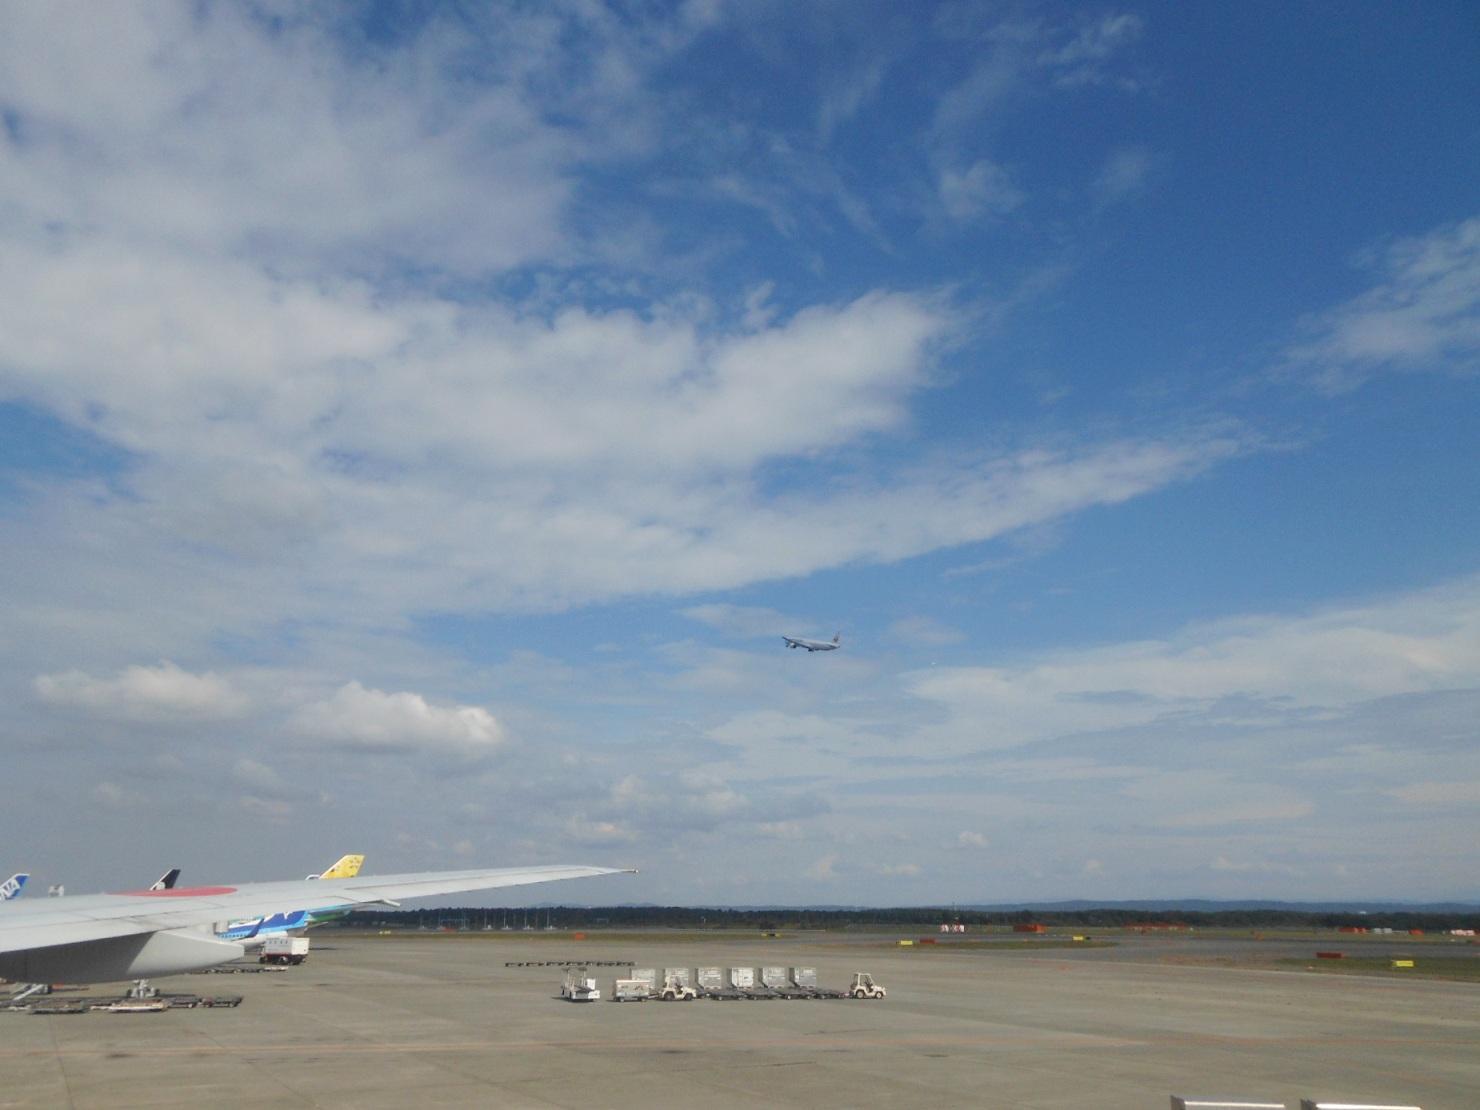 1823) ①「金沢3泊4日旅行 『飛行機からの眺め』」_f0126829_650253.jpg